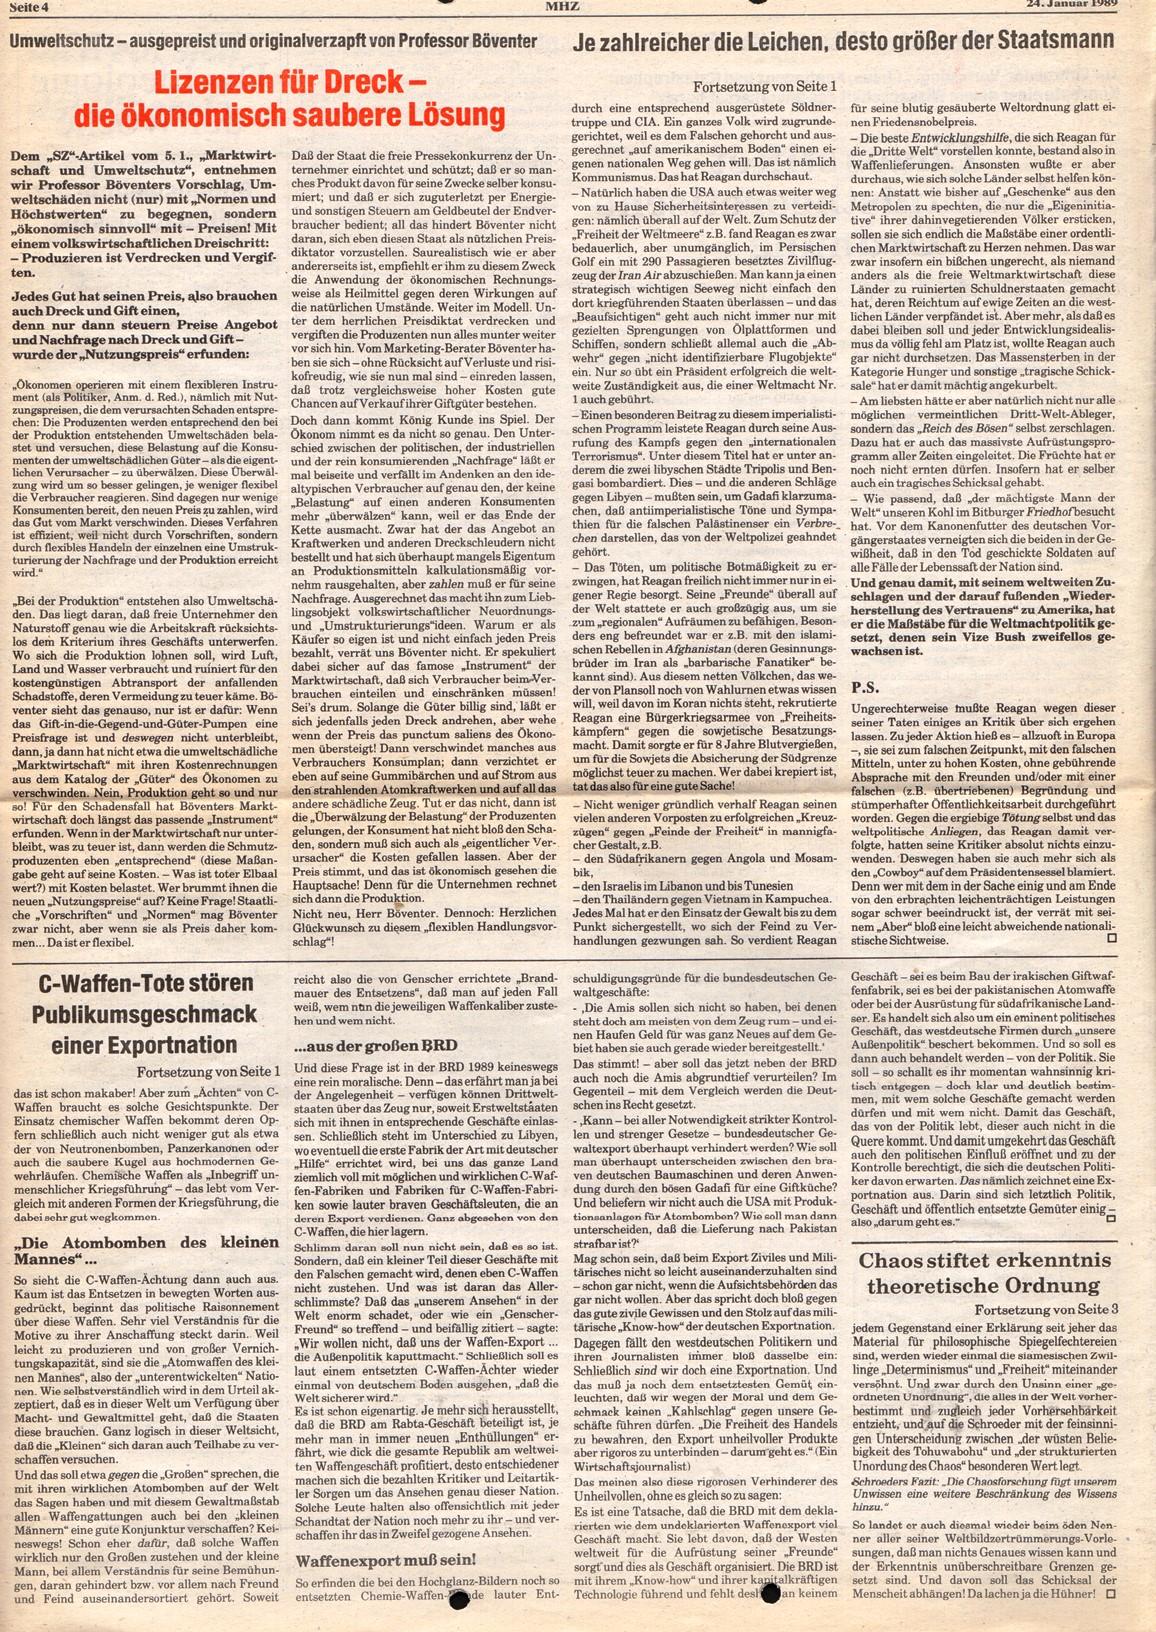 Muenchen_MG_Hochschulzeitung_19890124_04